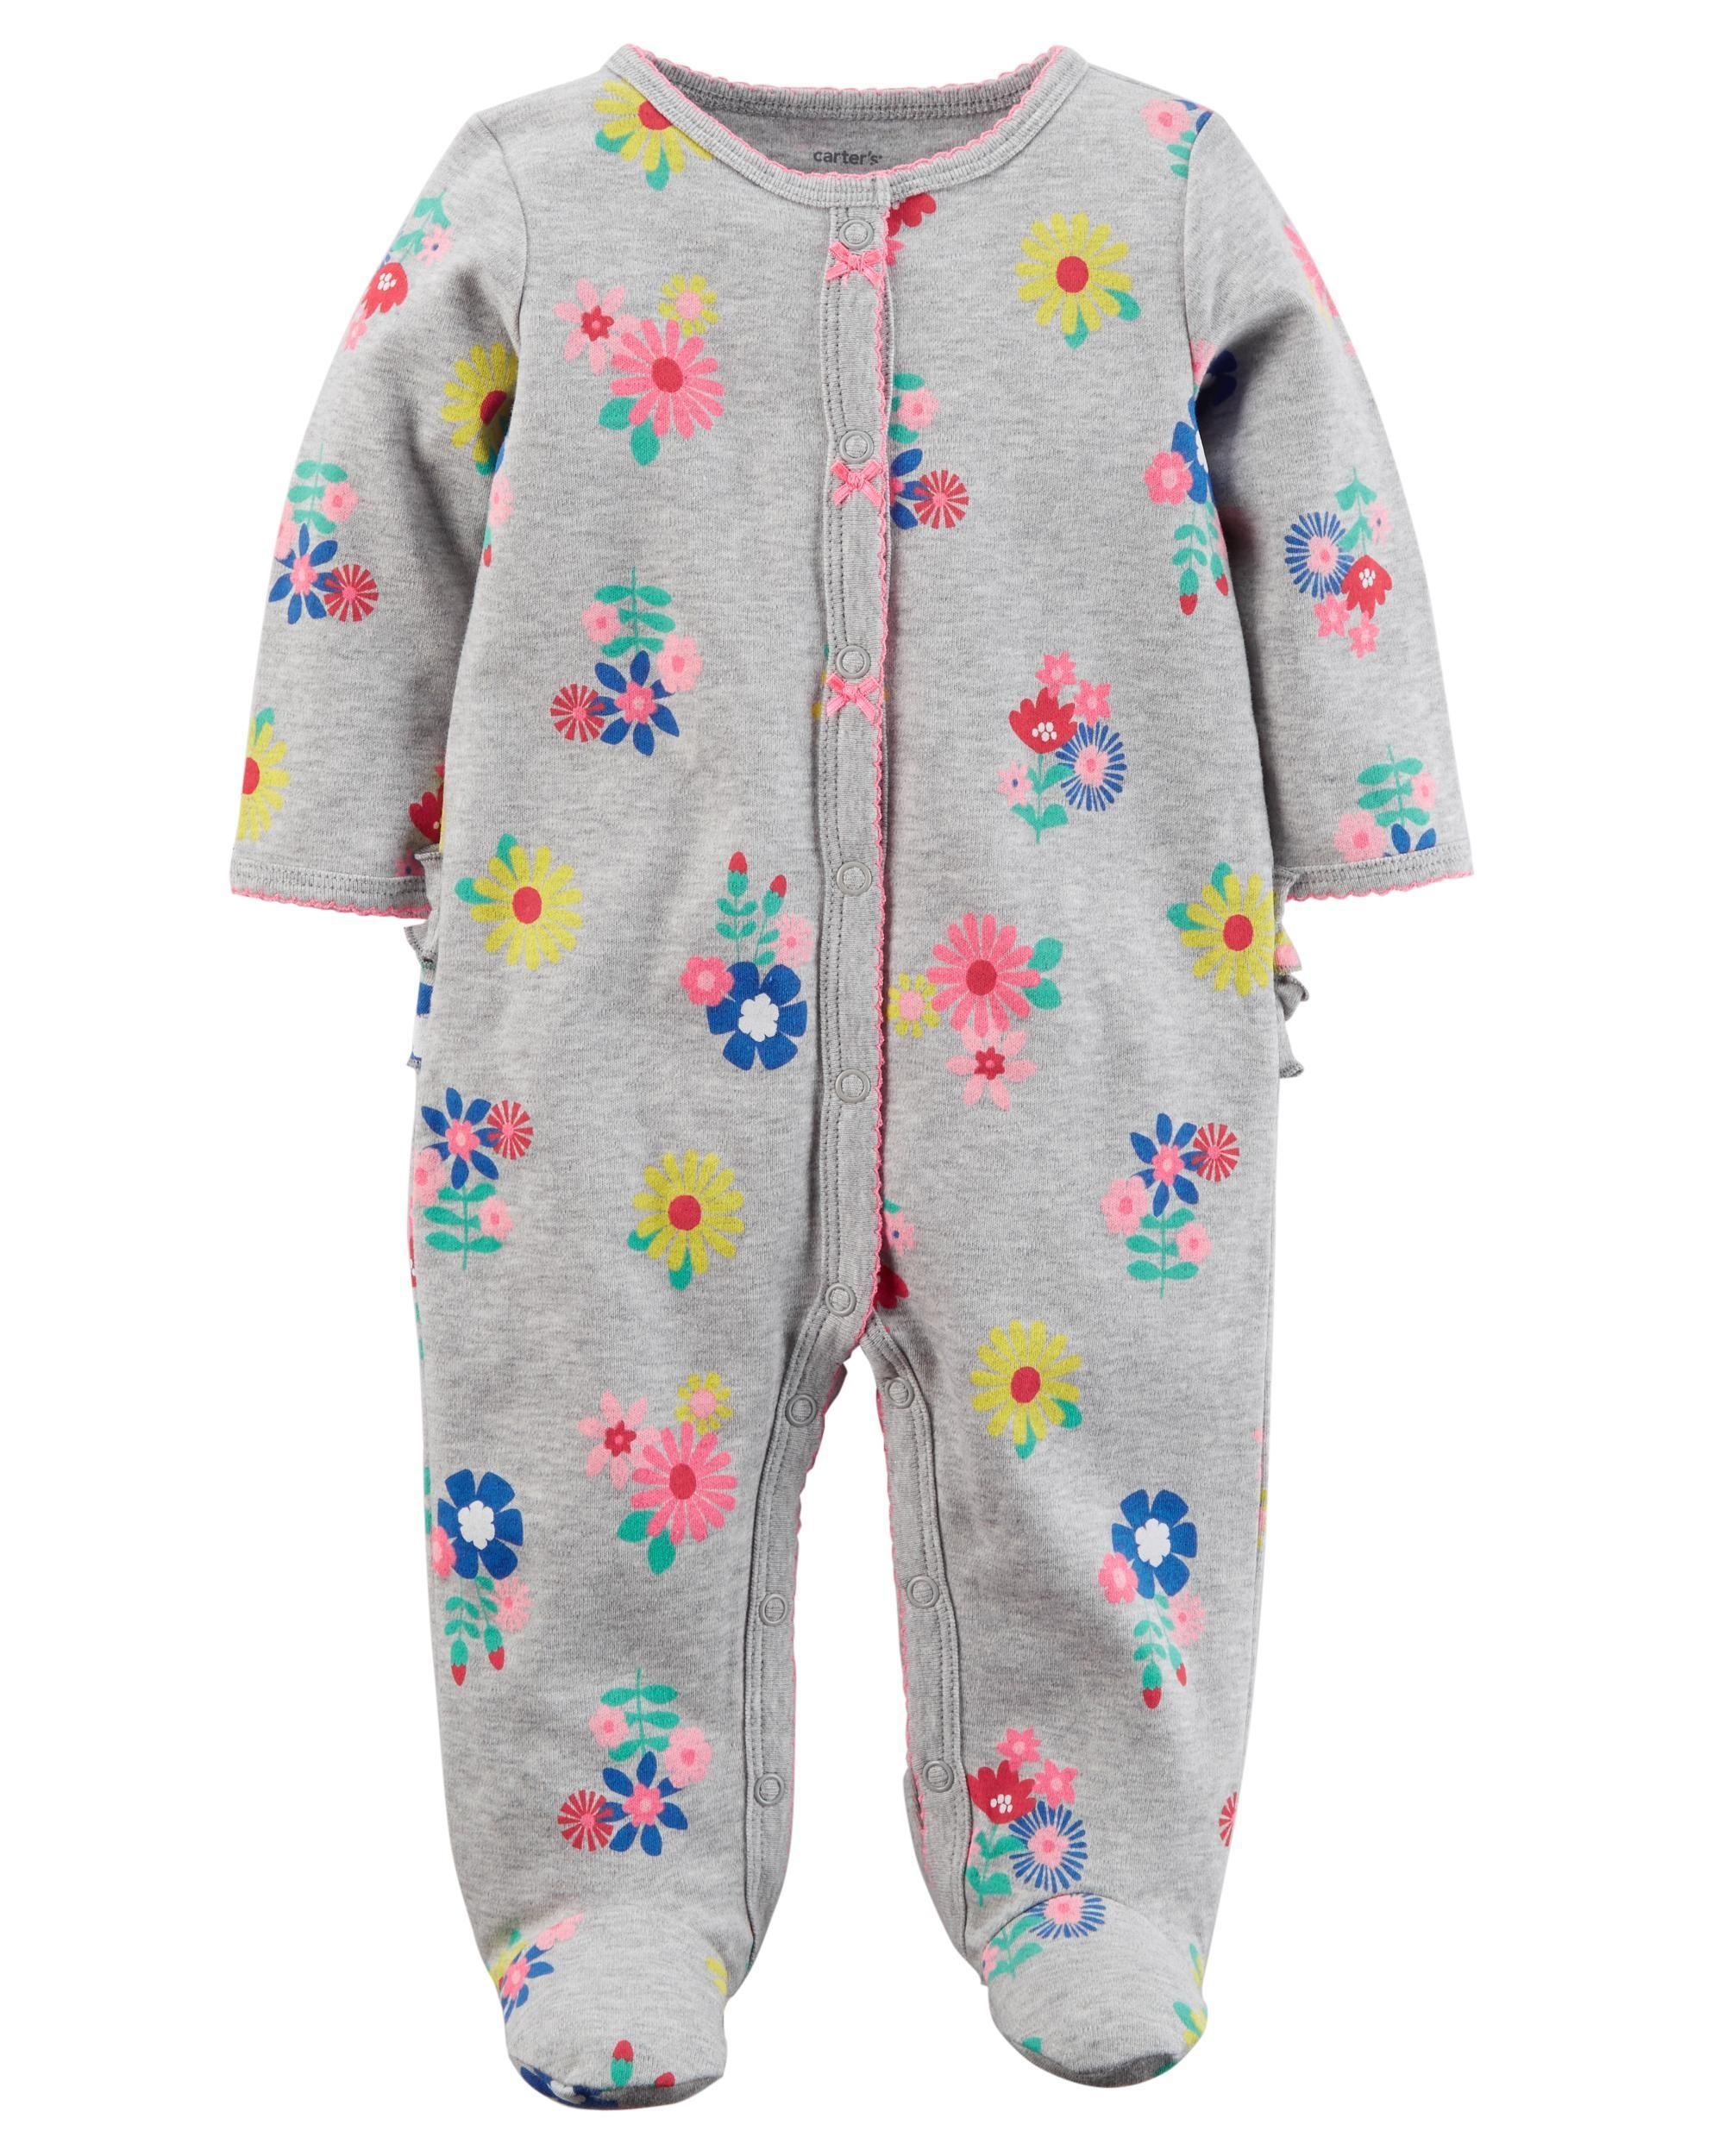 8baf5350ebc2 Snap-Up Floral Cotton Sleeper